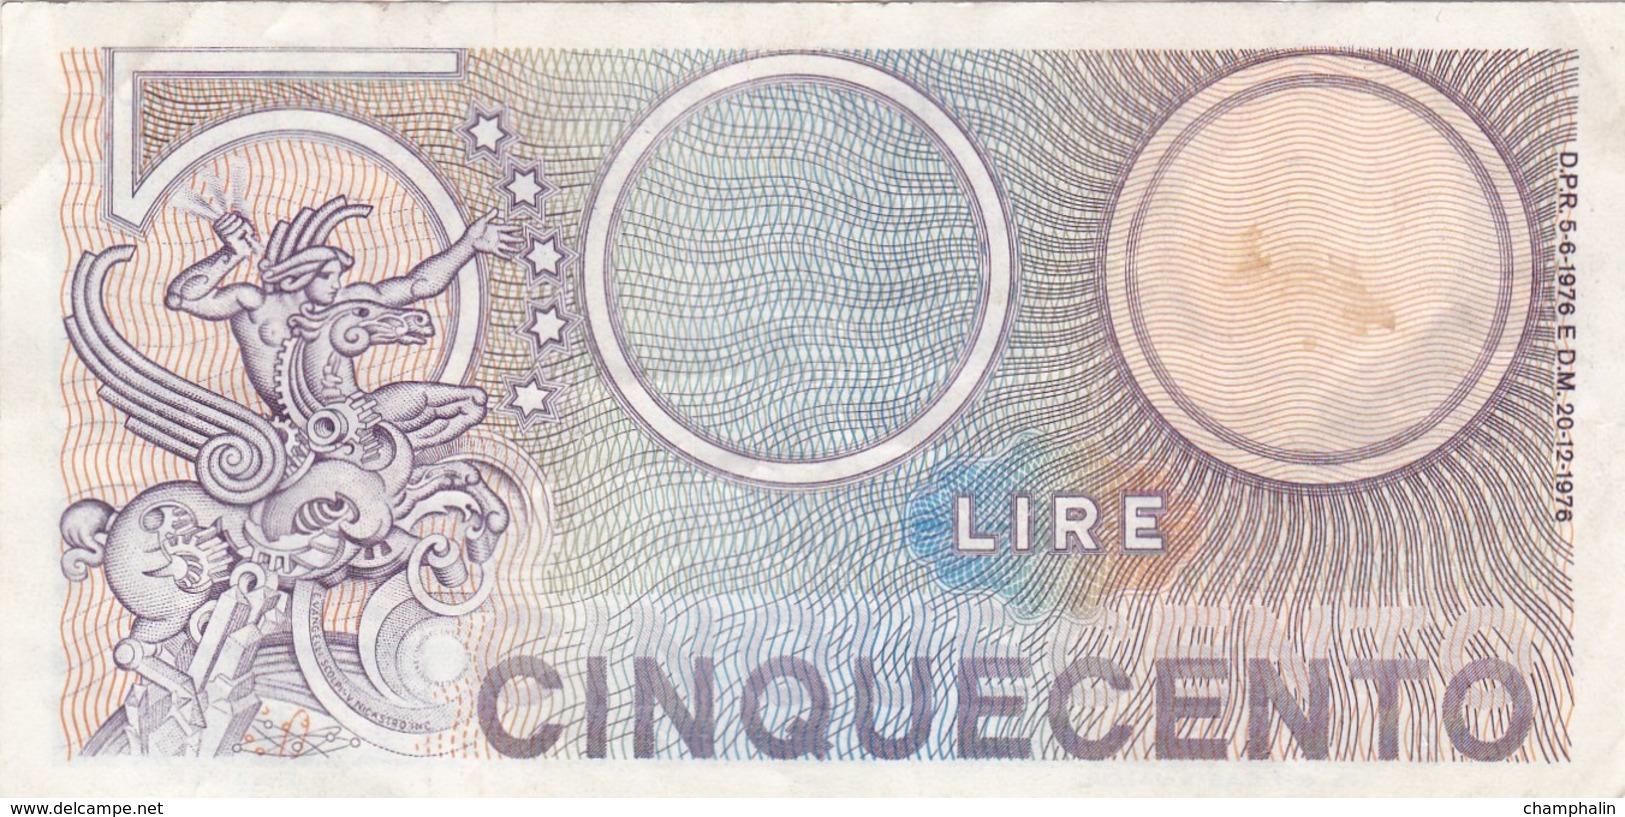 Italie - Billet De 500 Lire - 20 Décembre 1976 - 500 Lire